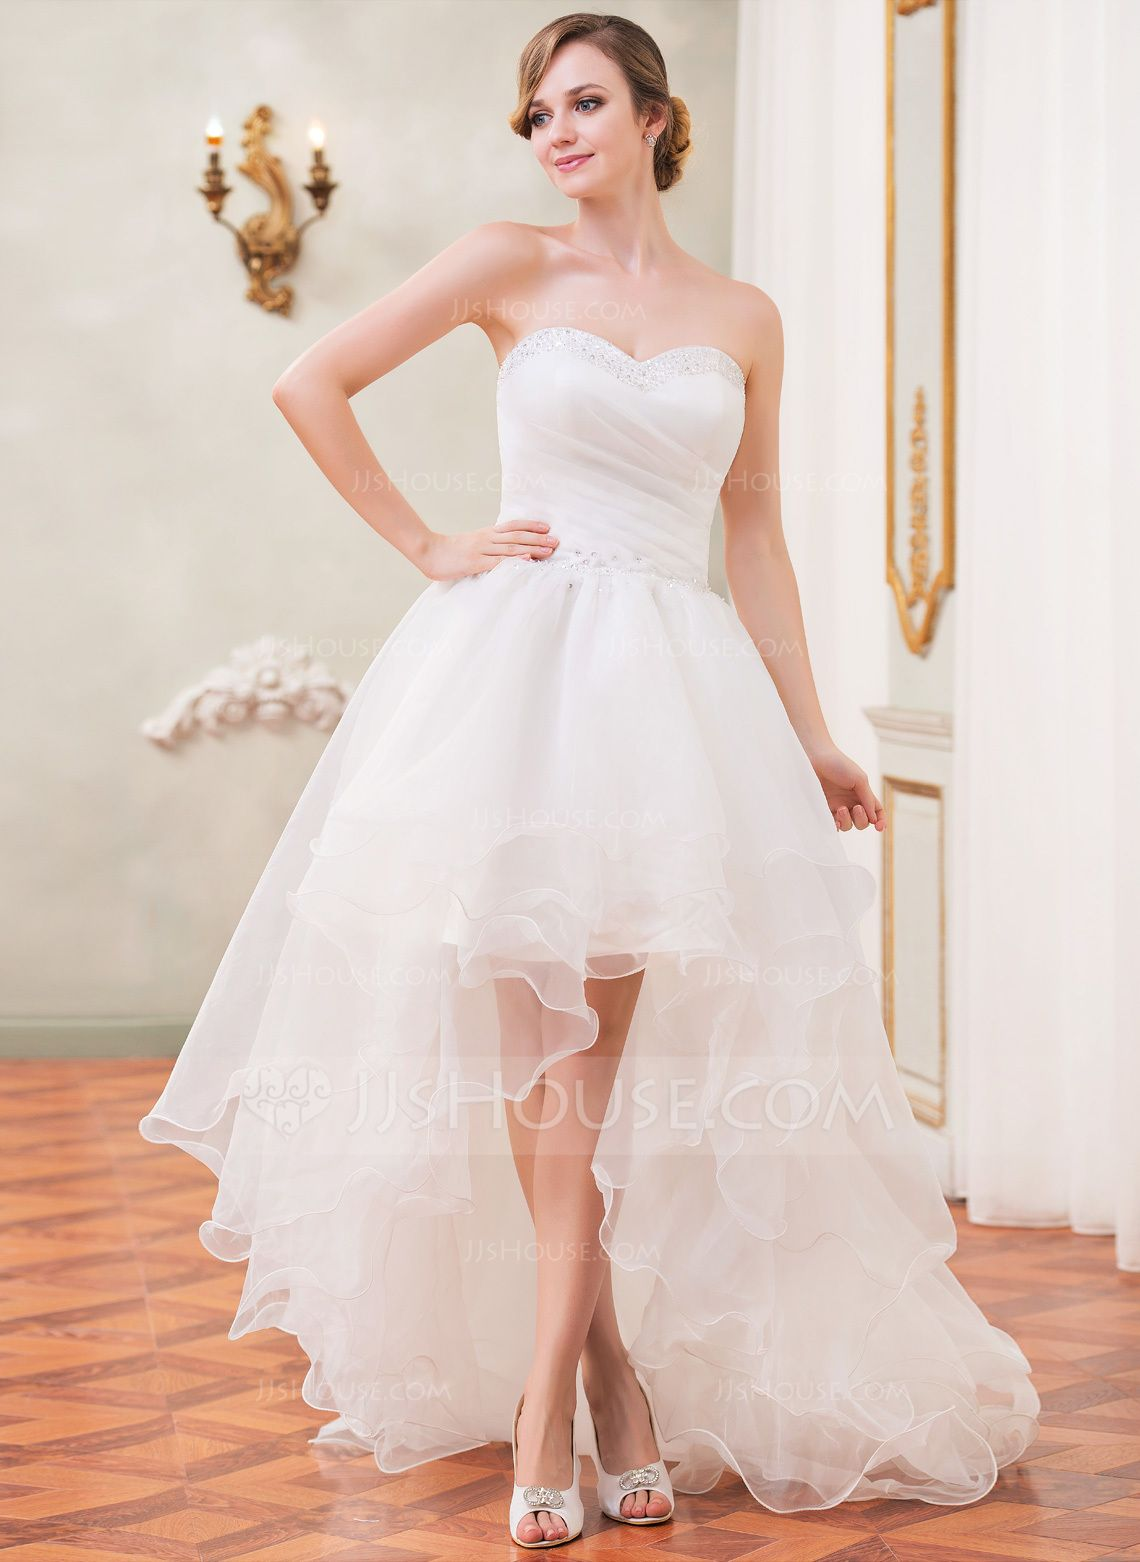 Forme Princesse Bustier en coeur Traîne asymétrique Organza Robe de mariée avec Plissé Emperler Sequins (002031874) - JJsHouse